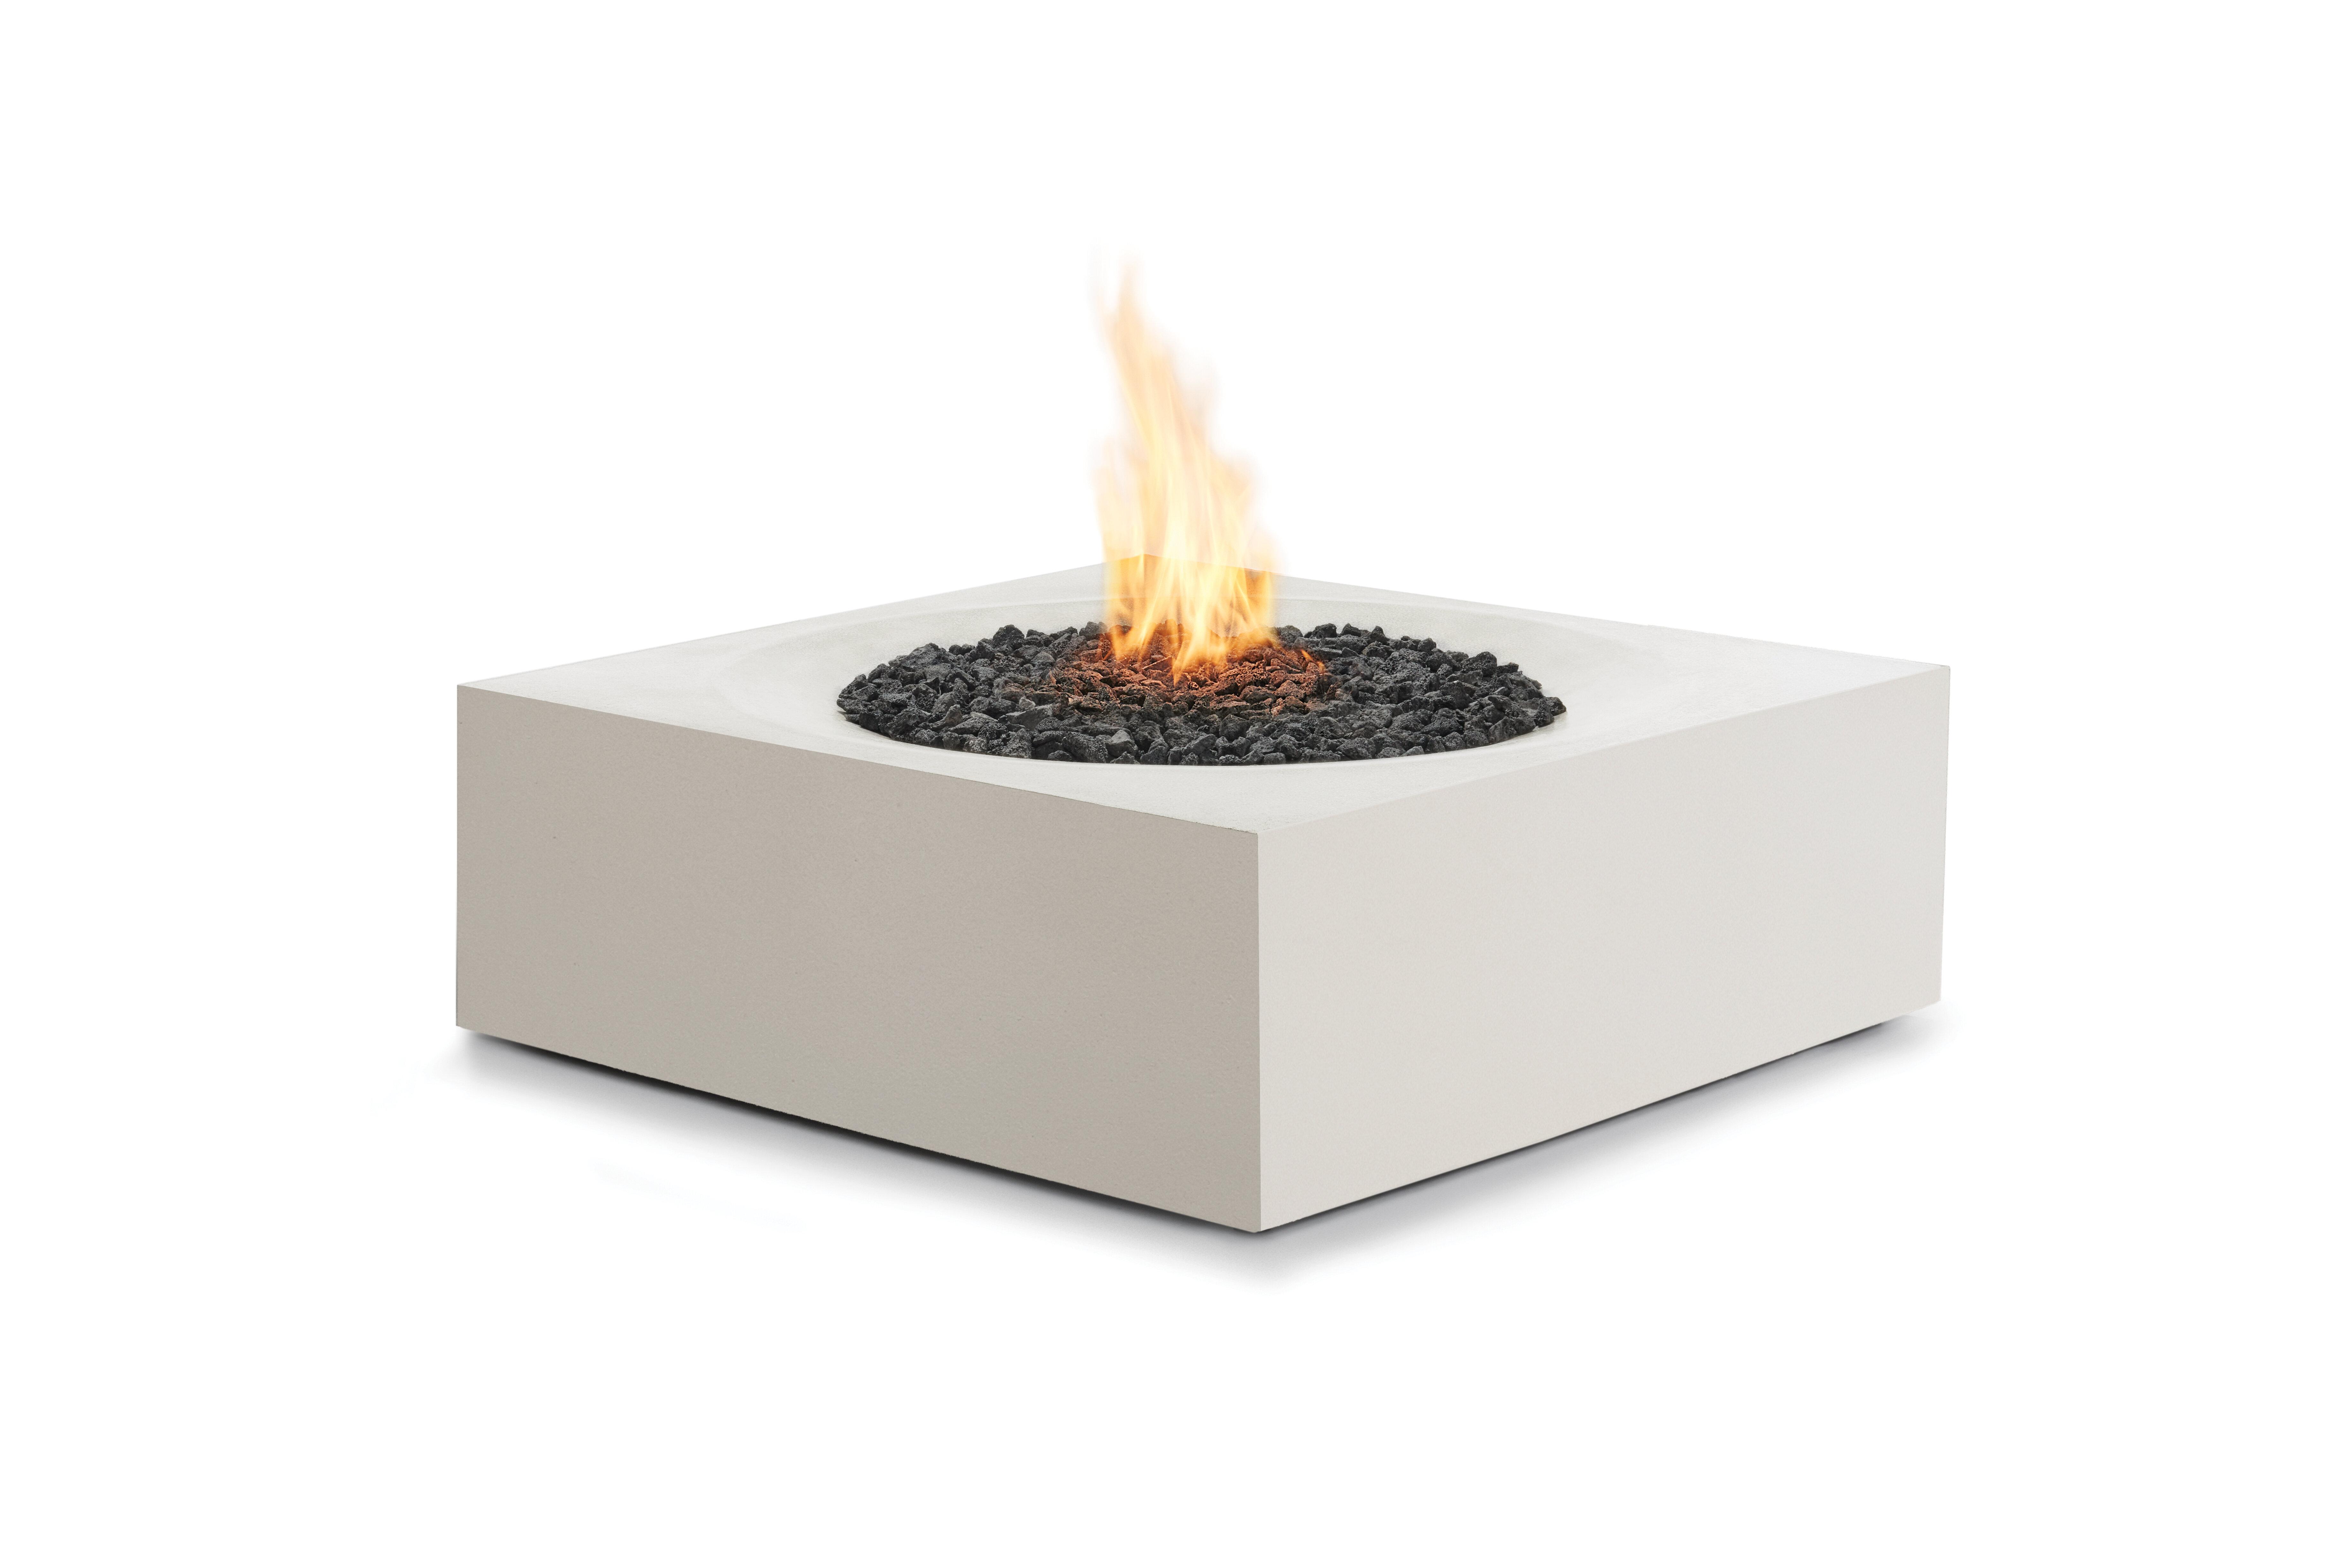 BJFS Solstice Concrete Gas Fire Pit Table | Wayfair